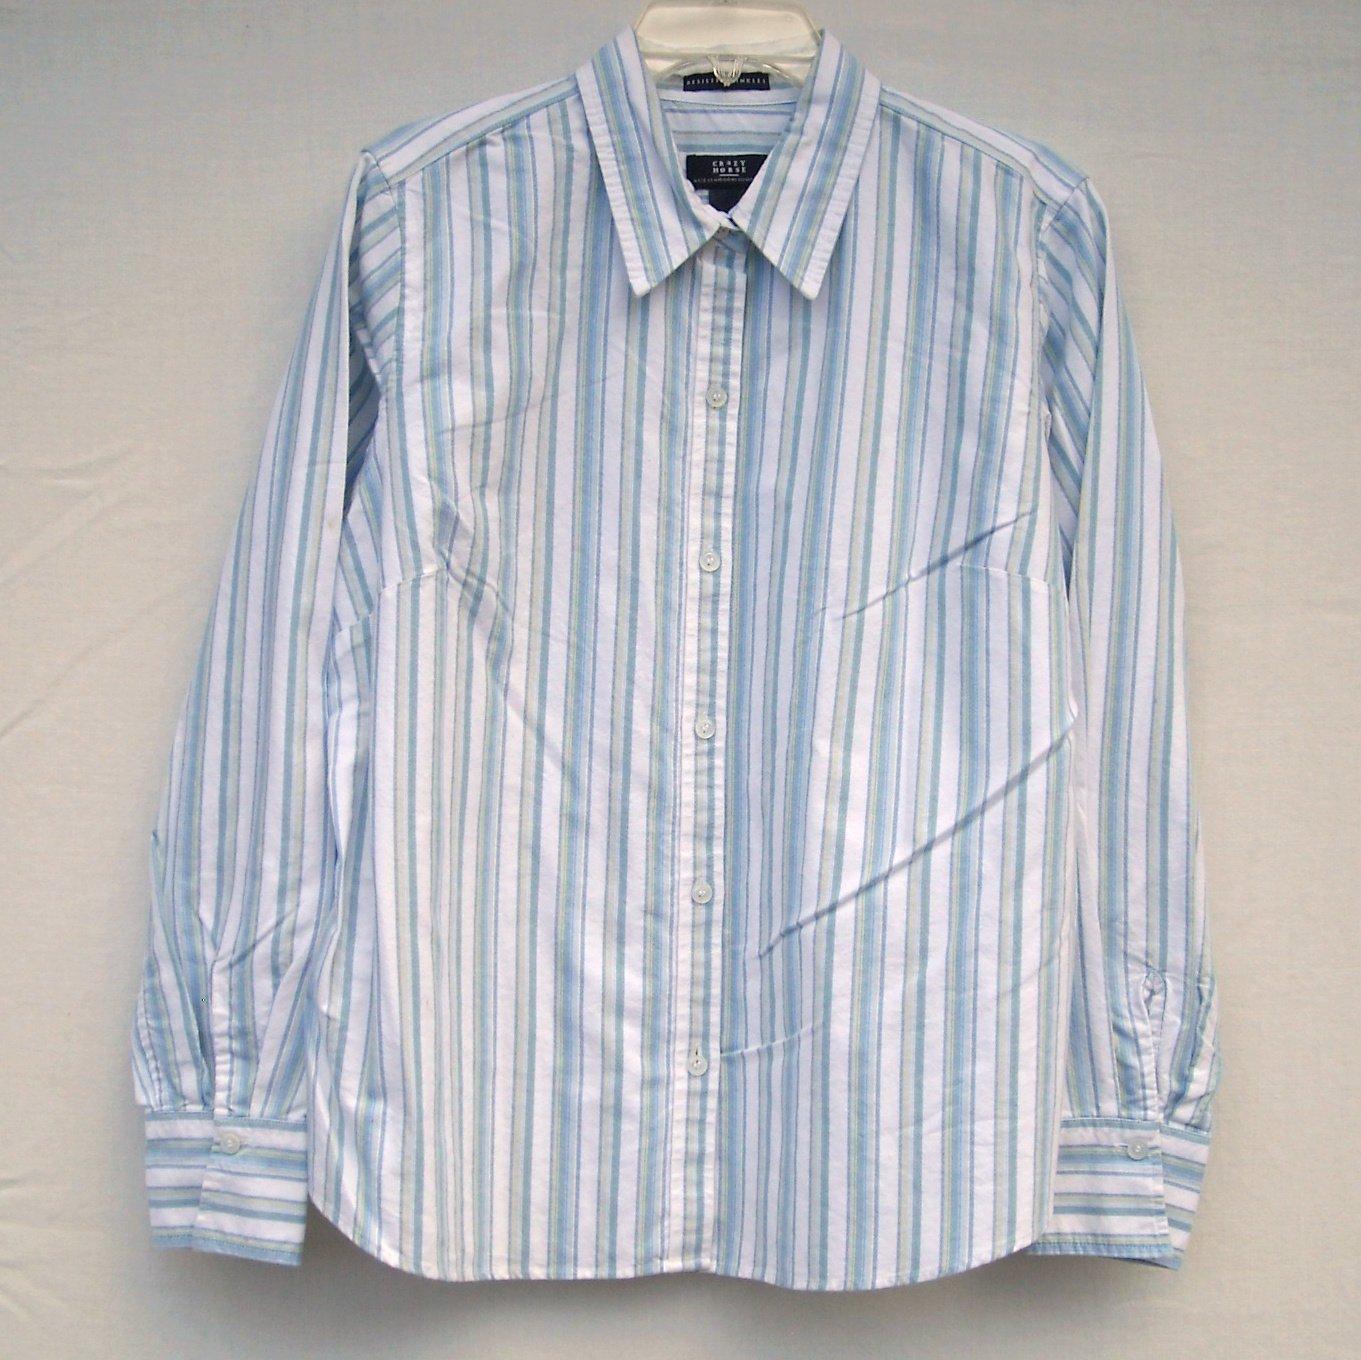 Crazy Horse Misses Womens Striped Cotton Blouse Shirt Size 14